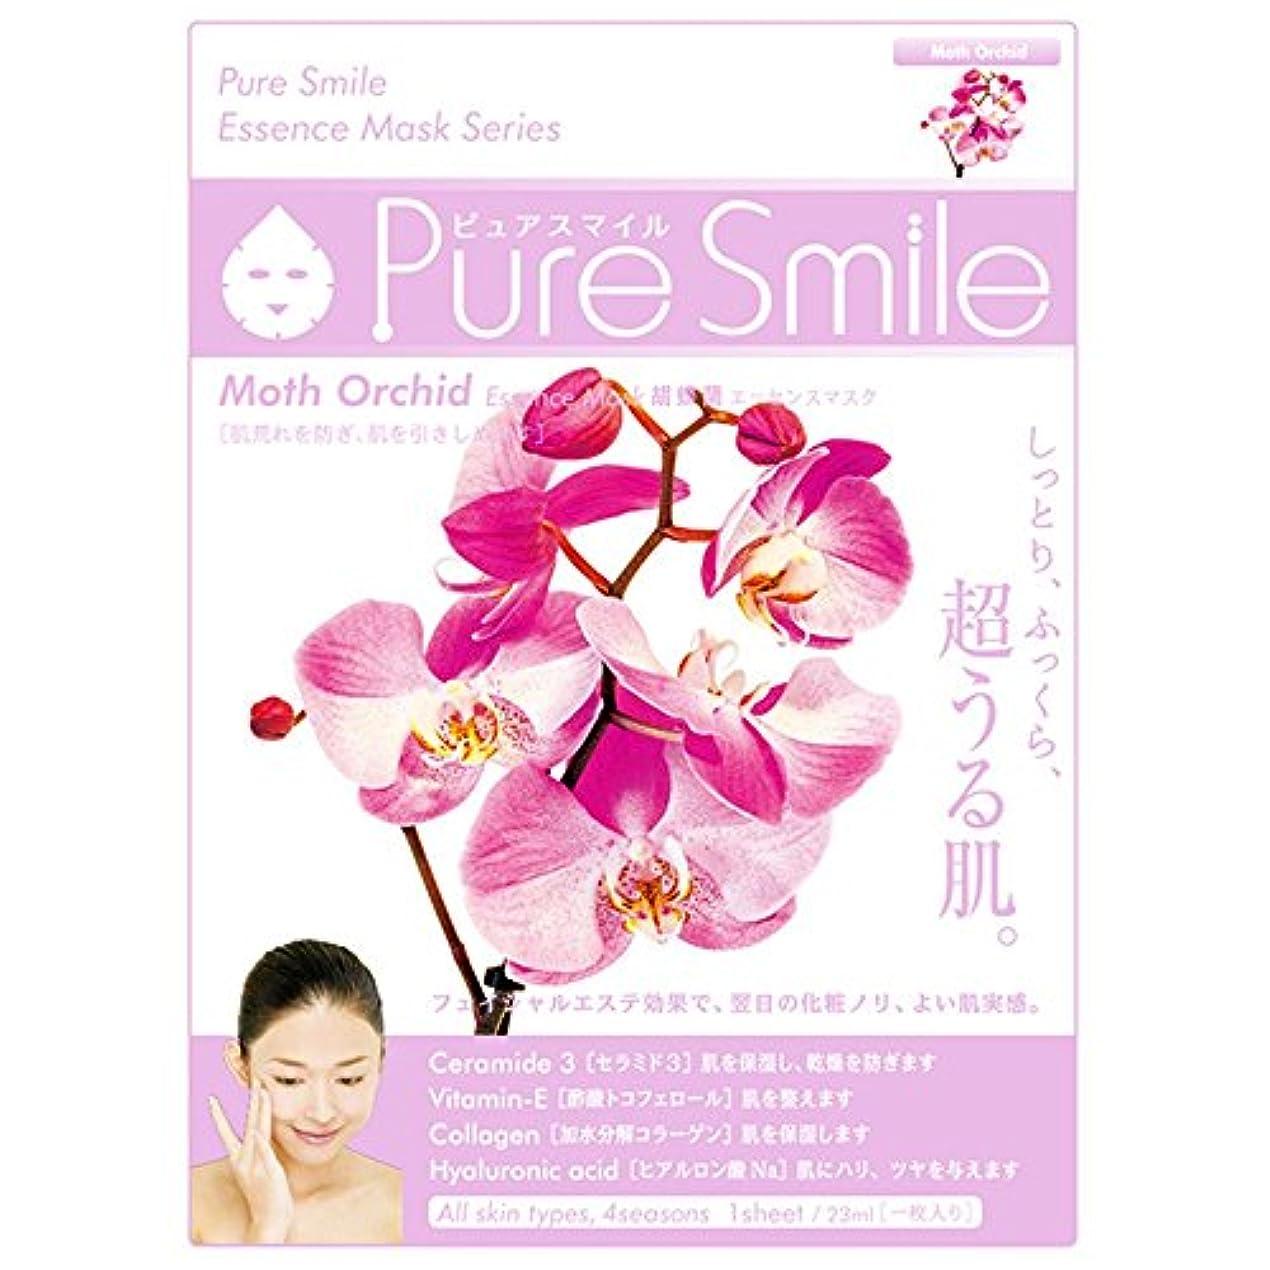 ドローウール本を読むPure Smile/ピュアスマイル エッセンス/フェイスマスク 『Moth Orchid/胡蝶蘭』